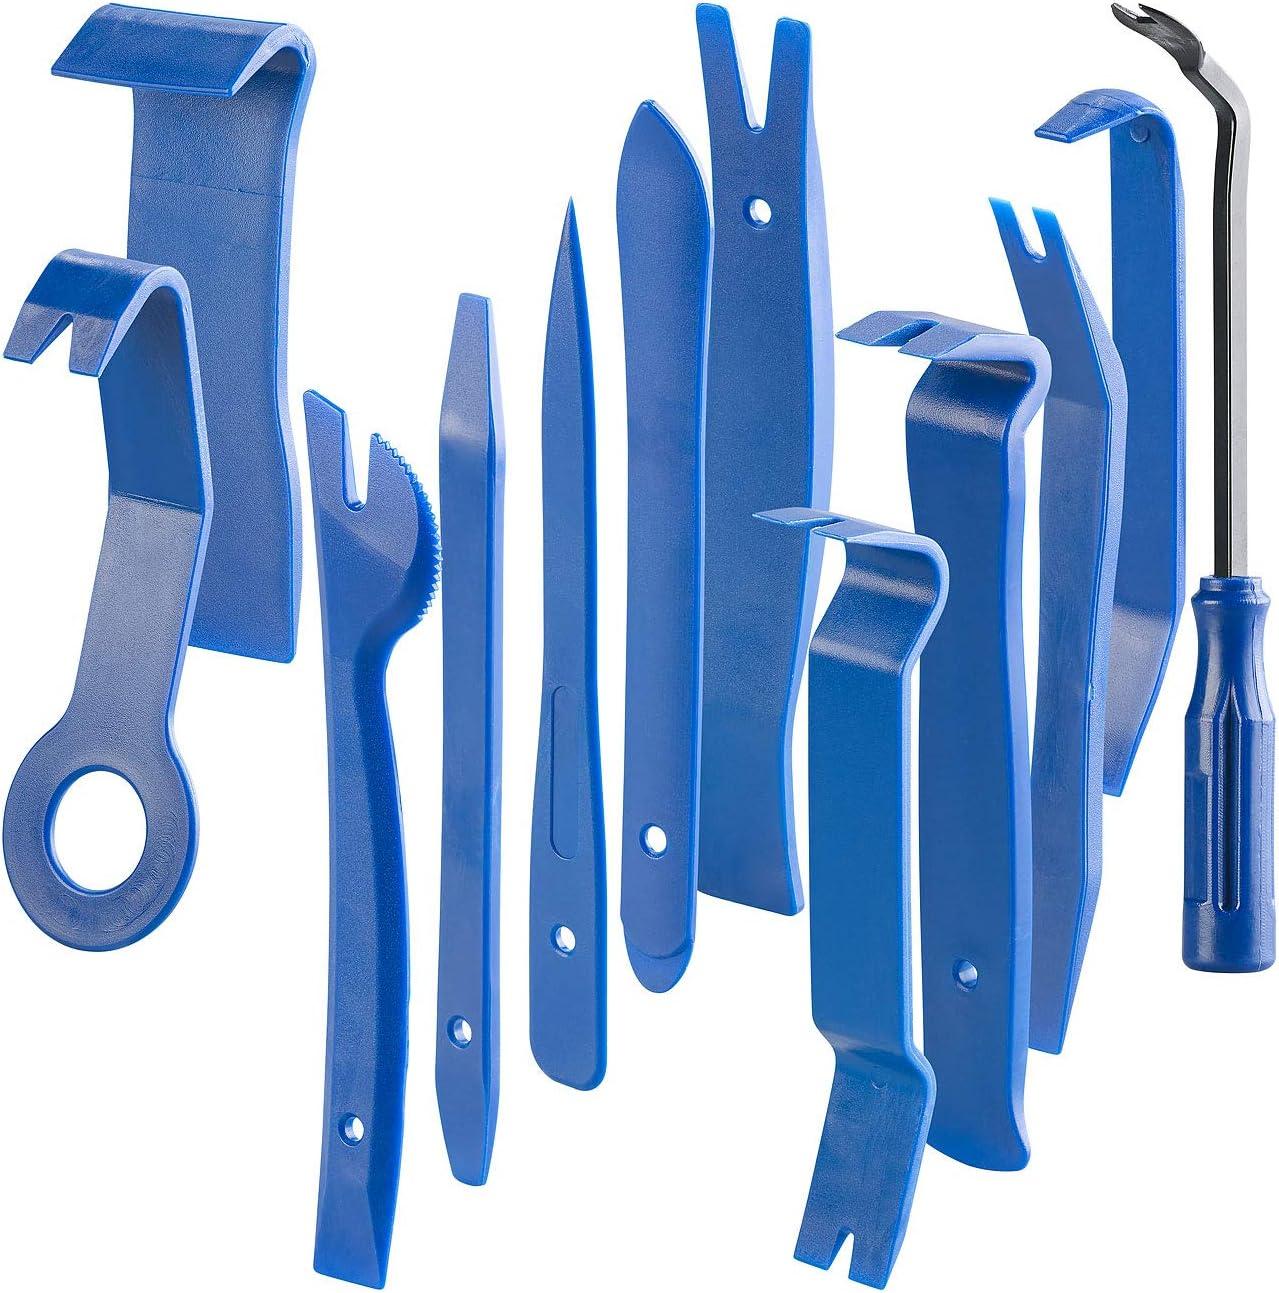 Agt Demontagewerkzeug 12 Teiliges Zierleistenkeile Set Für Auto Möbel Und Renovierung Demontage Werkzeug Auto Auto